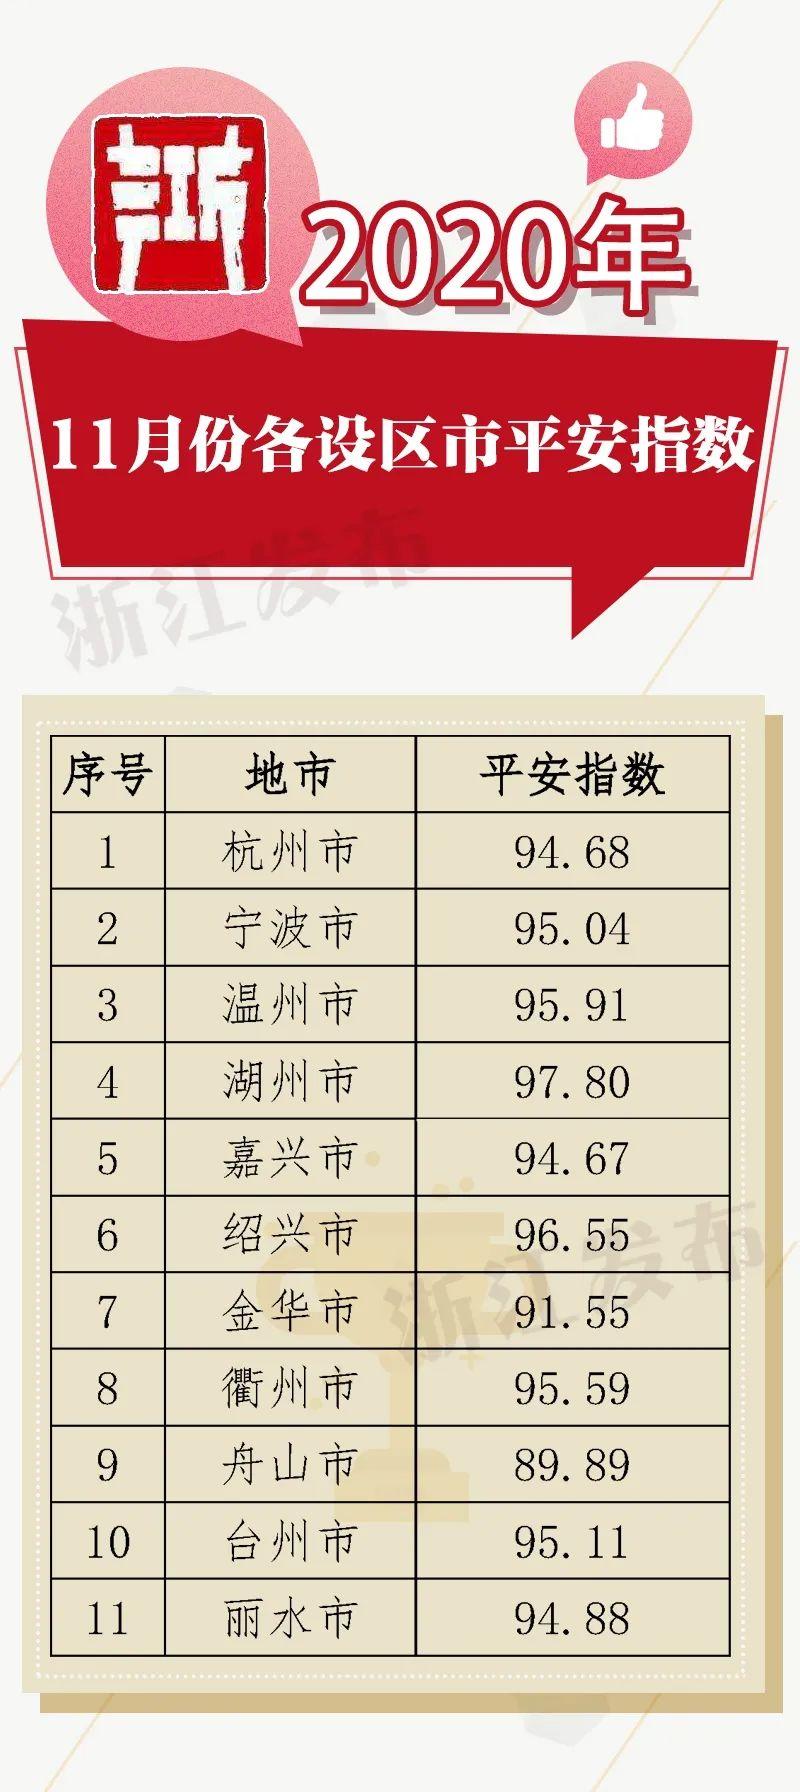 11月份浙江各地平安指数出炉,你家乡情况怎样?图片